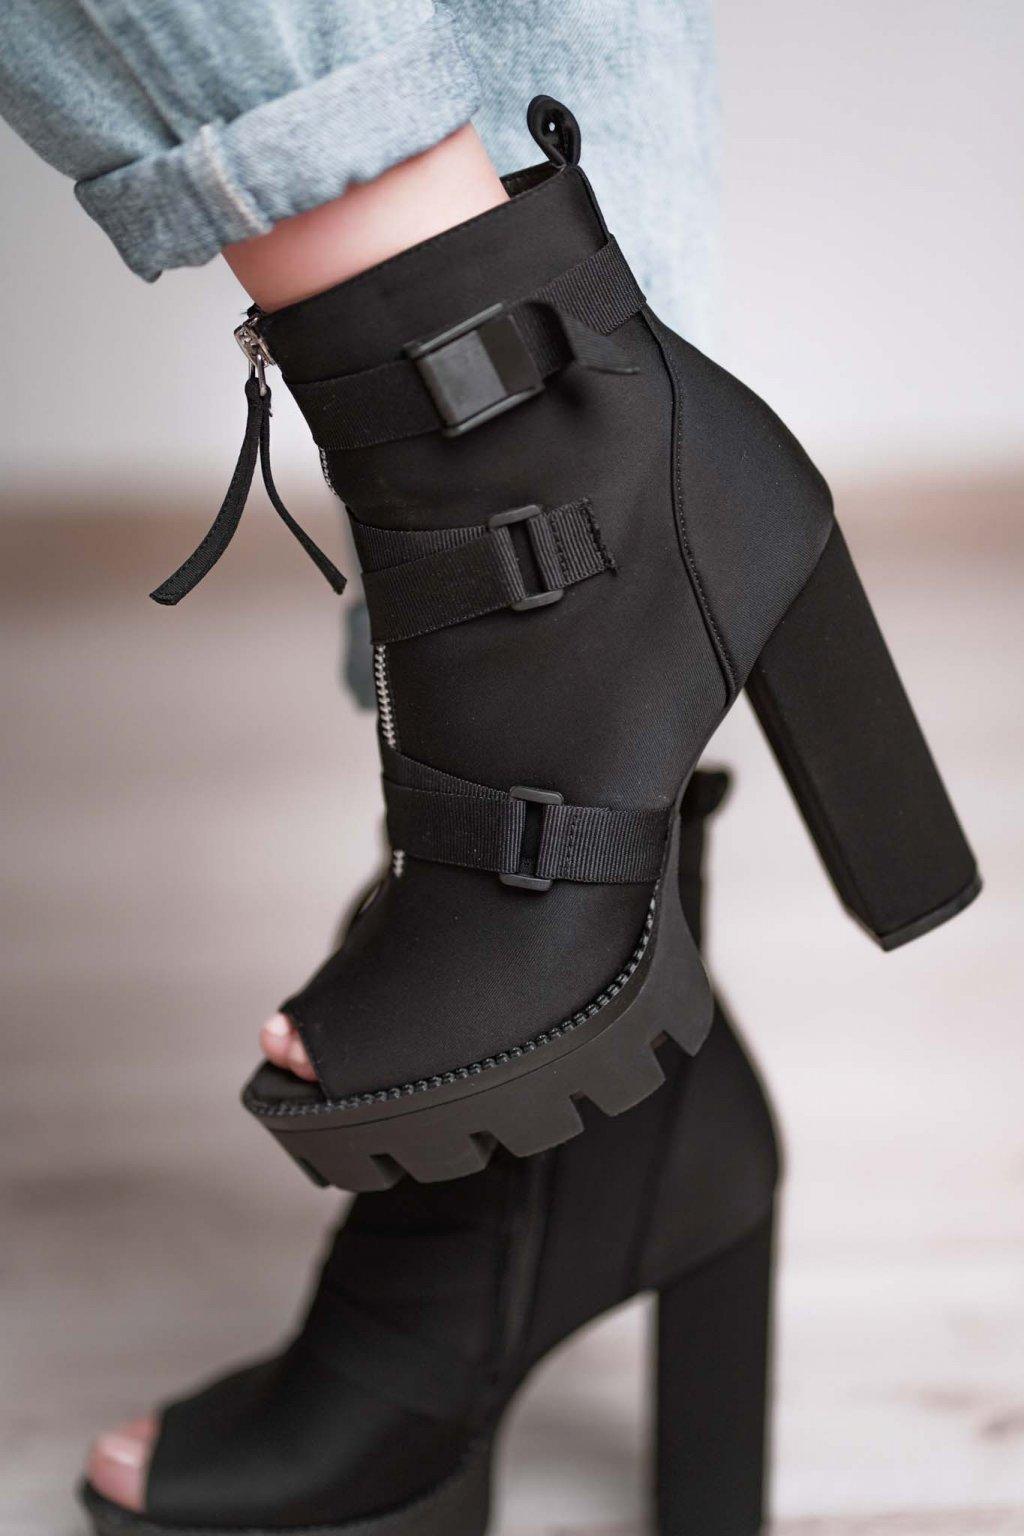 topánky, obuv, tenisky, botasky, lodičky, čižmy, šľapky, sandálky 401